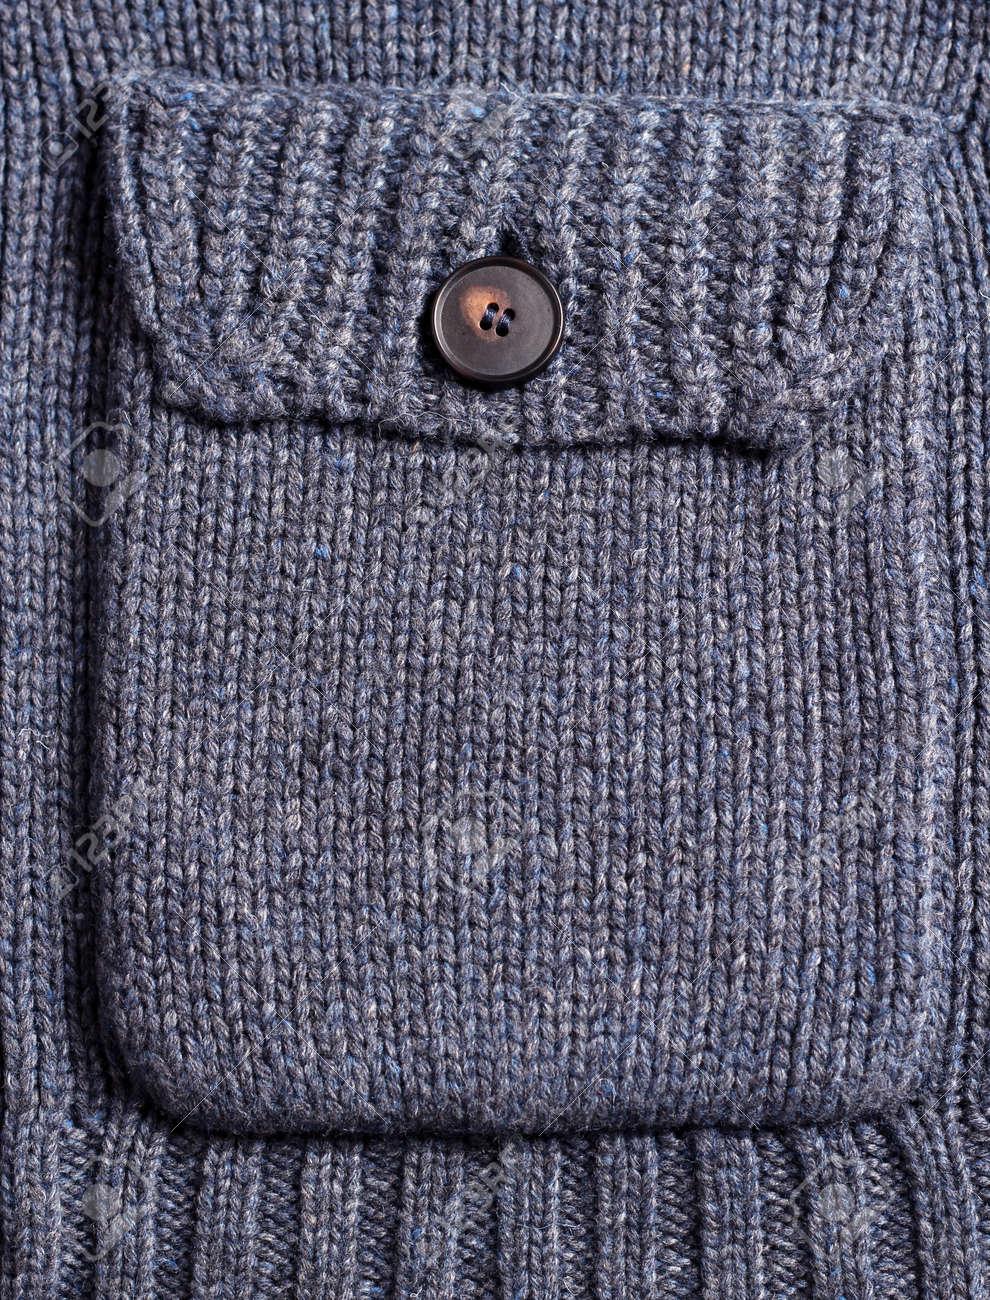 Azul Oscuro Bolsillo De Lana Tejido De Punto Con Botón Para El ...